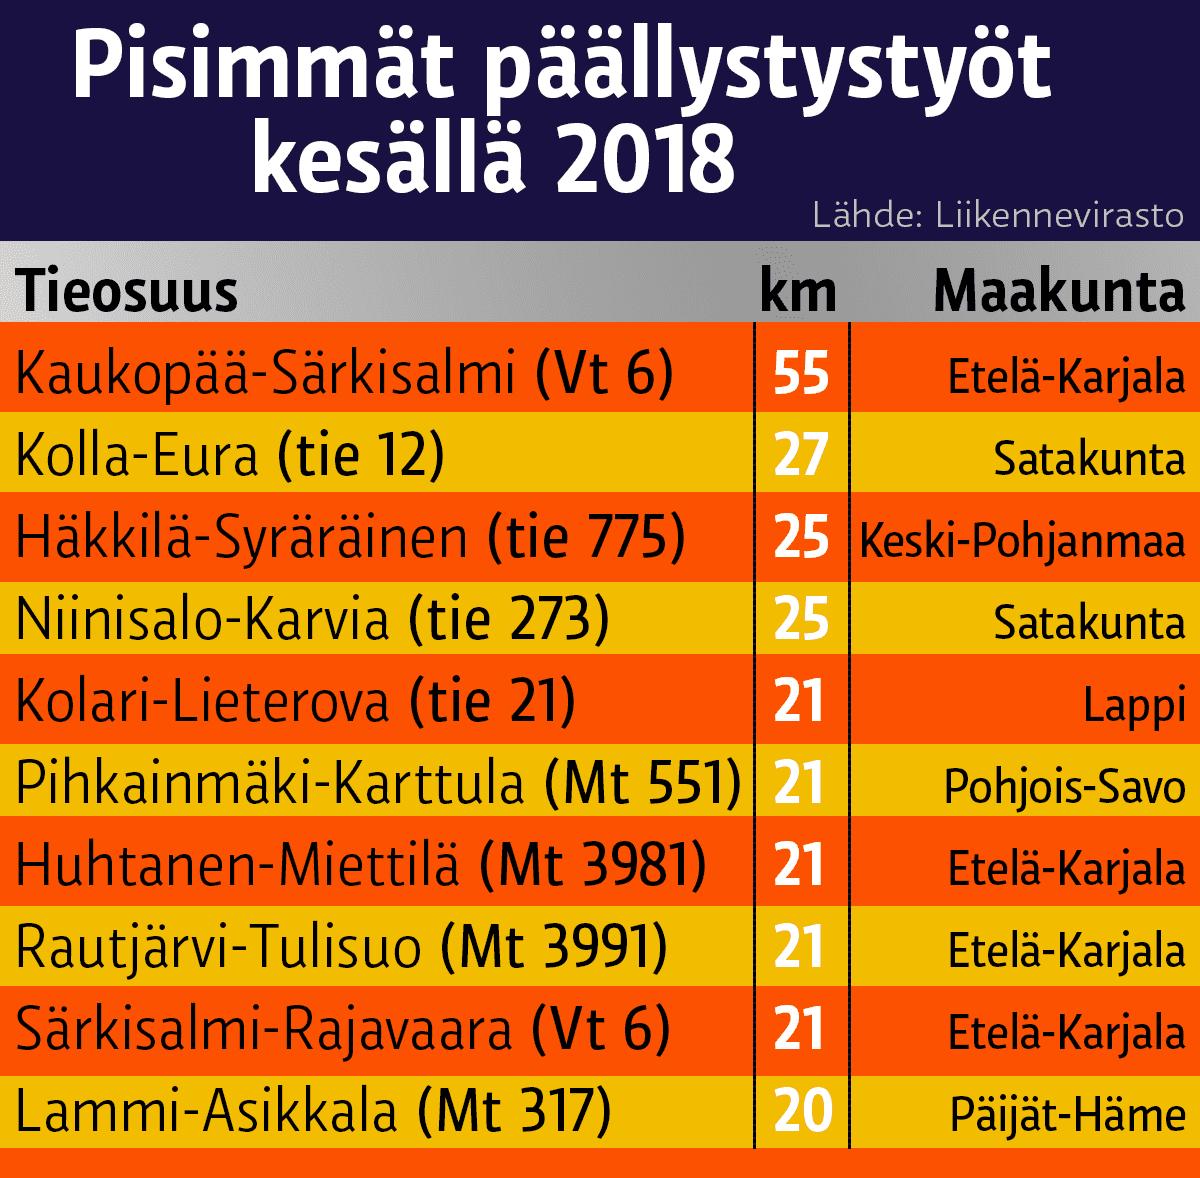 Pisimmät päällystystyöt kesällä 2018.